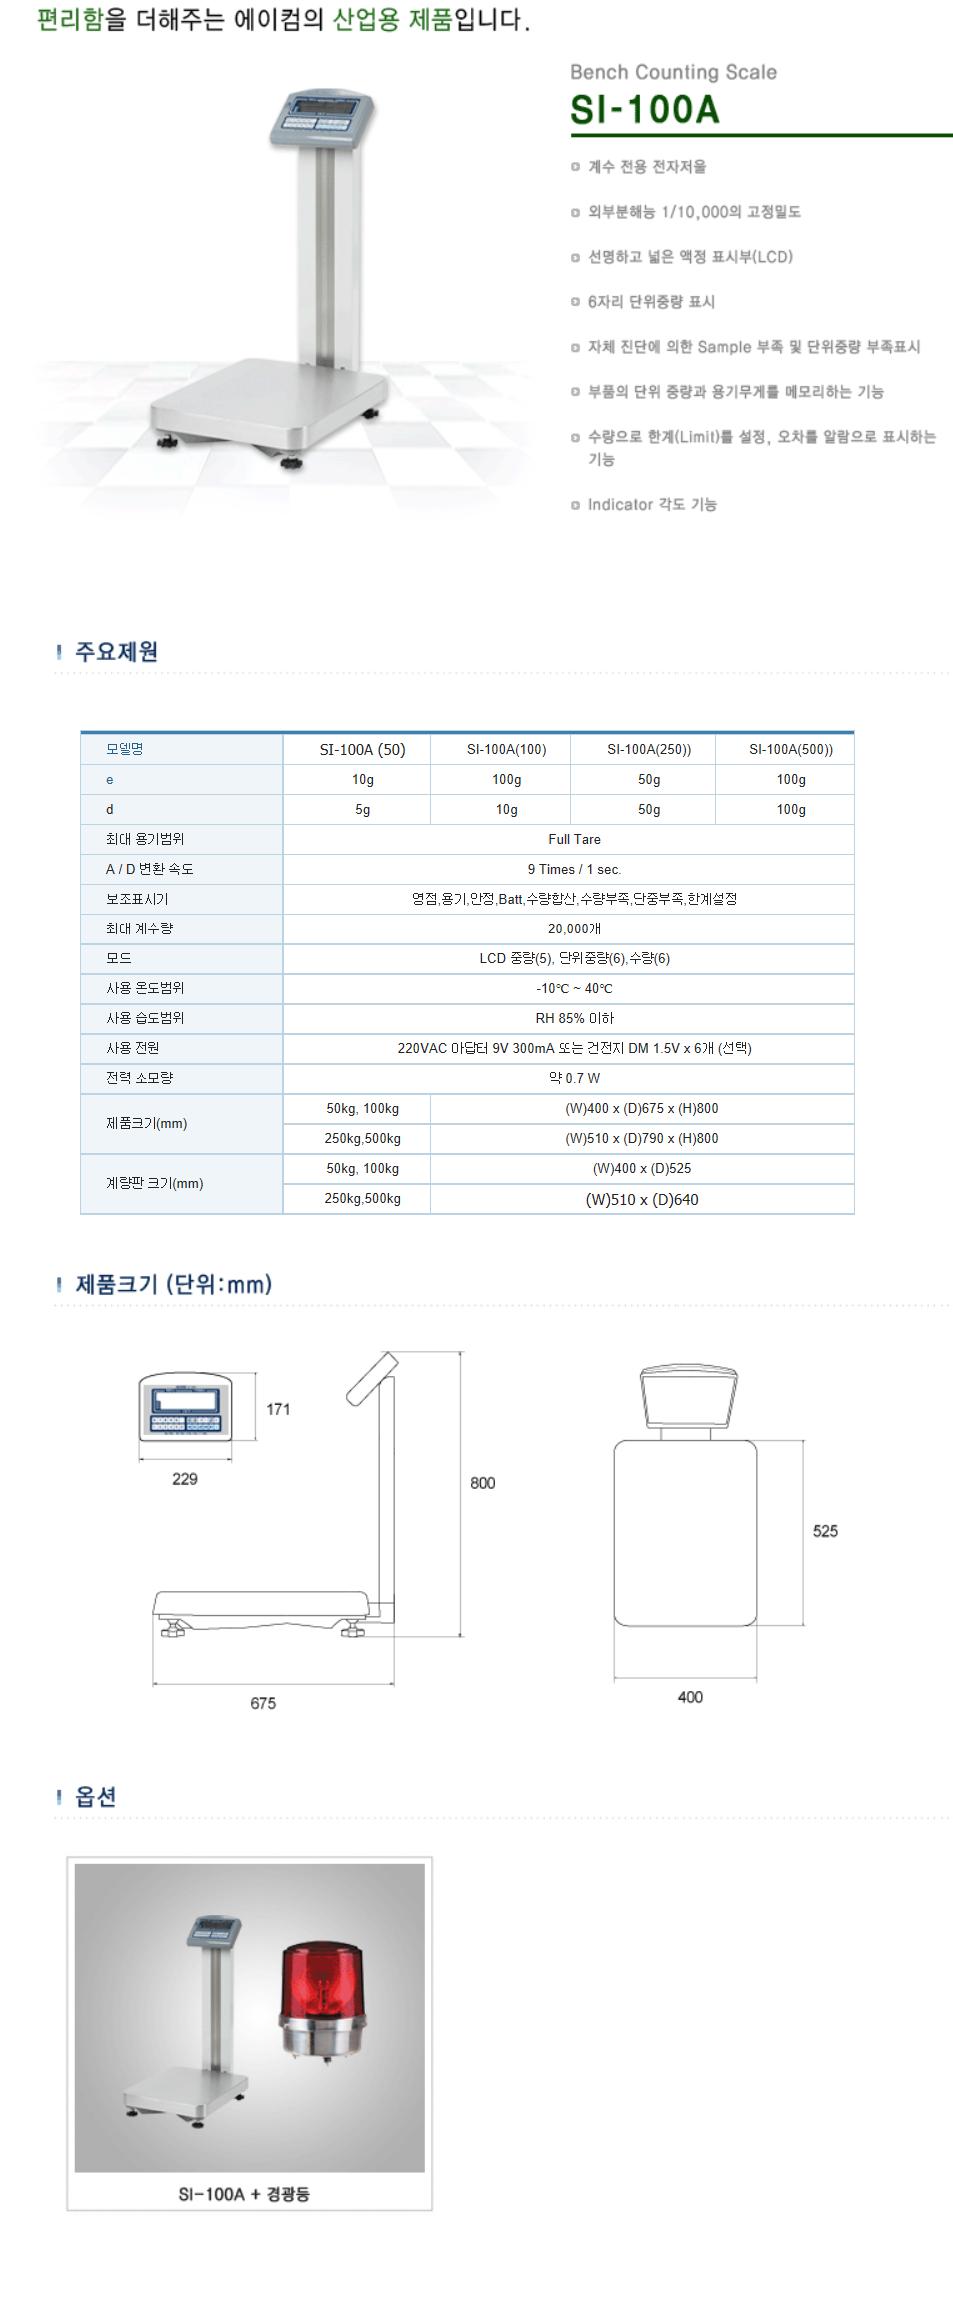 (주)에이컴 Bench Counting Scale SI-100A 1